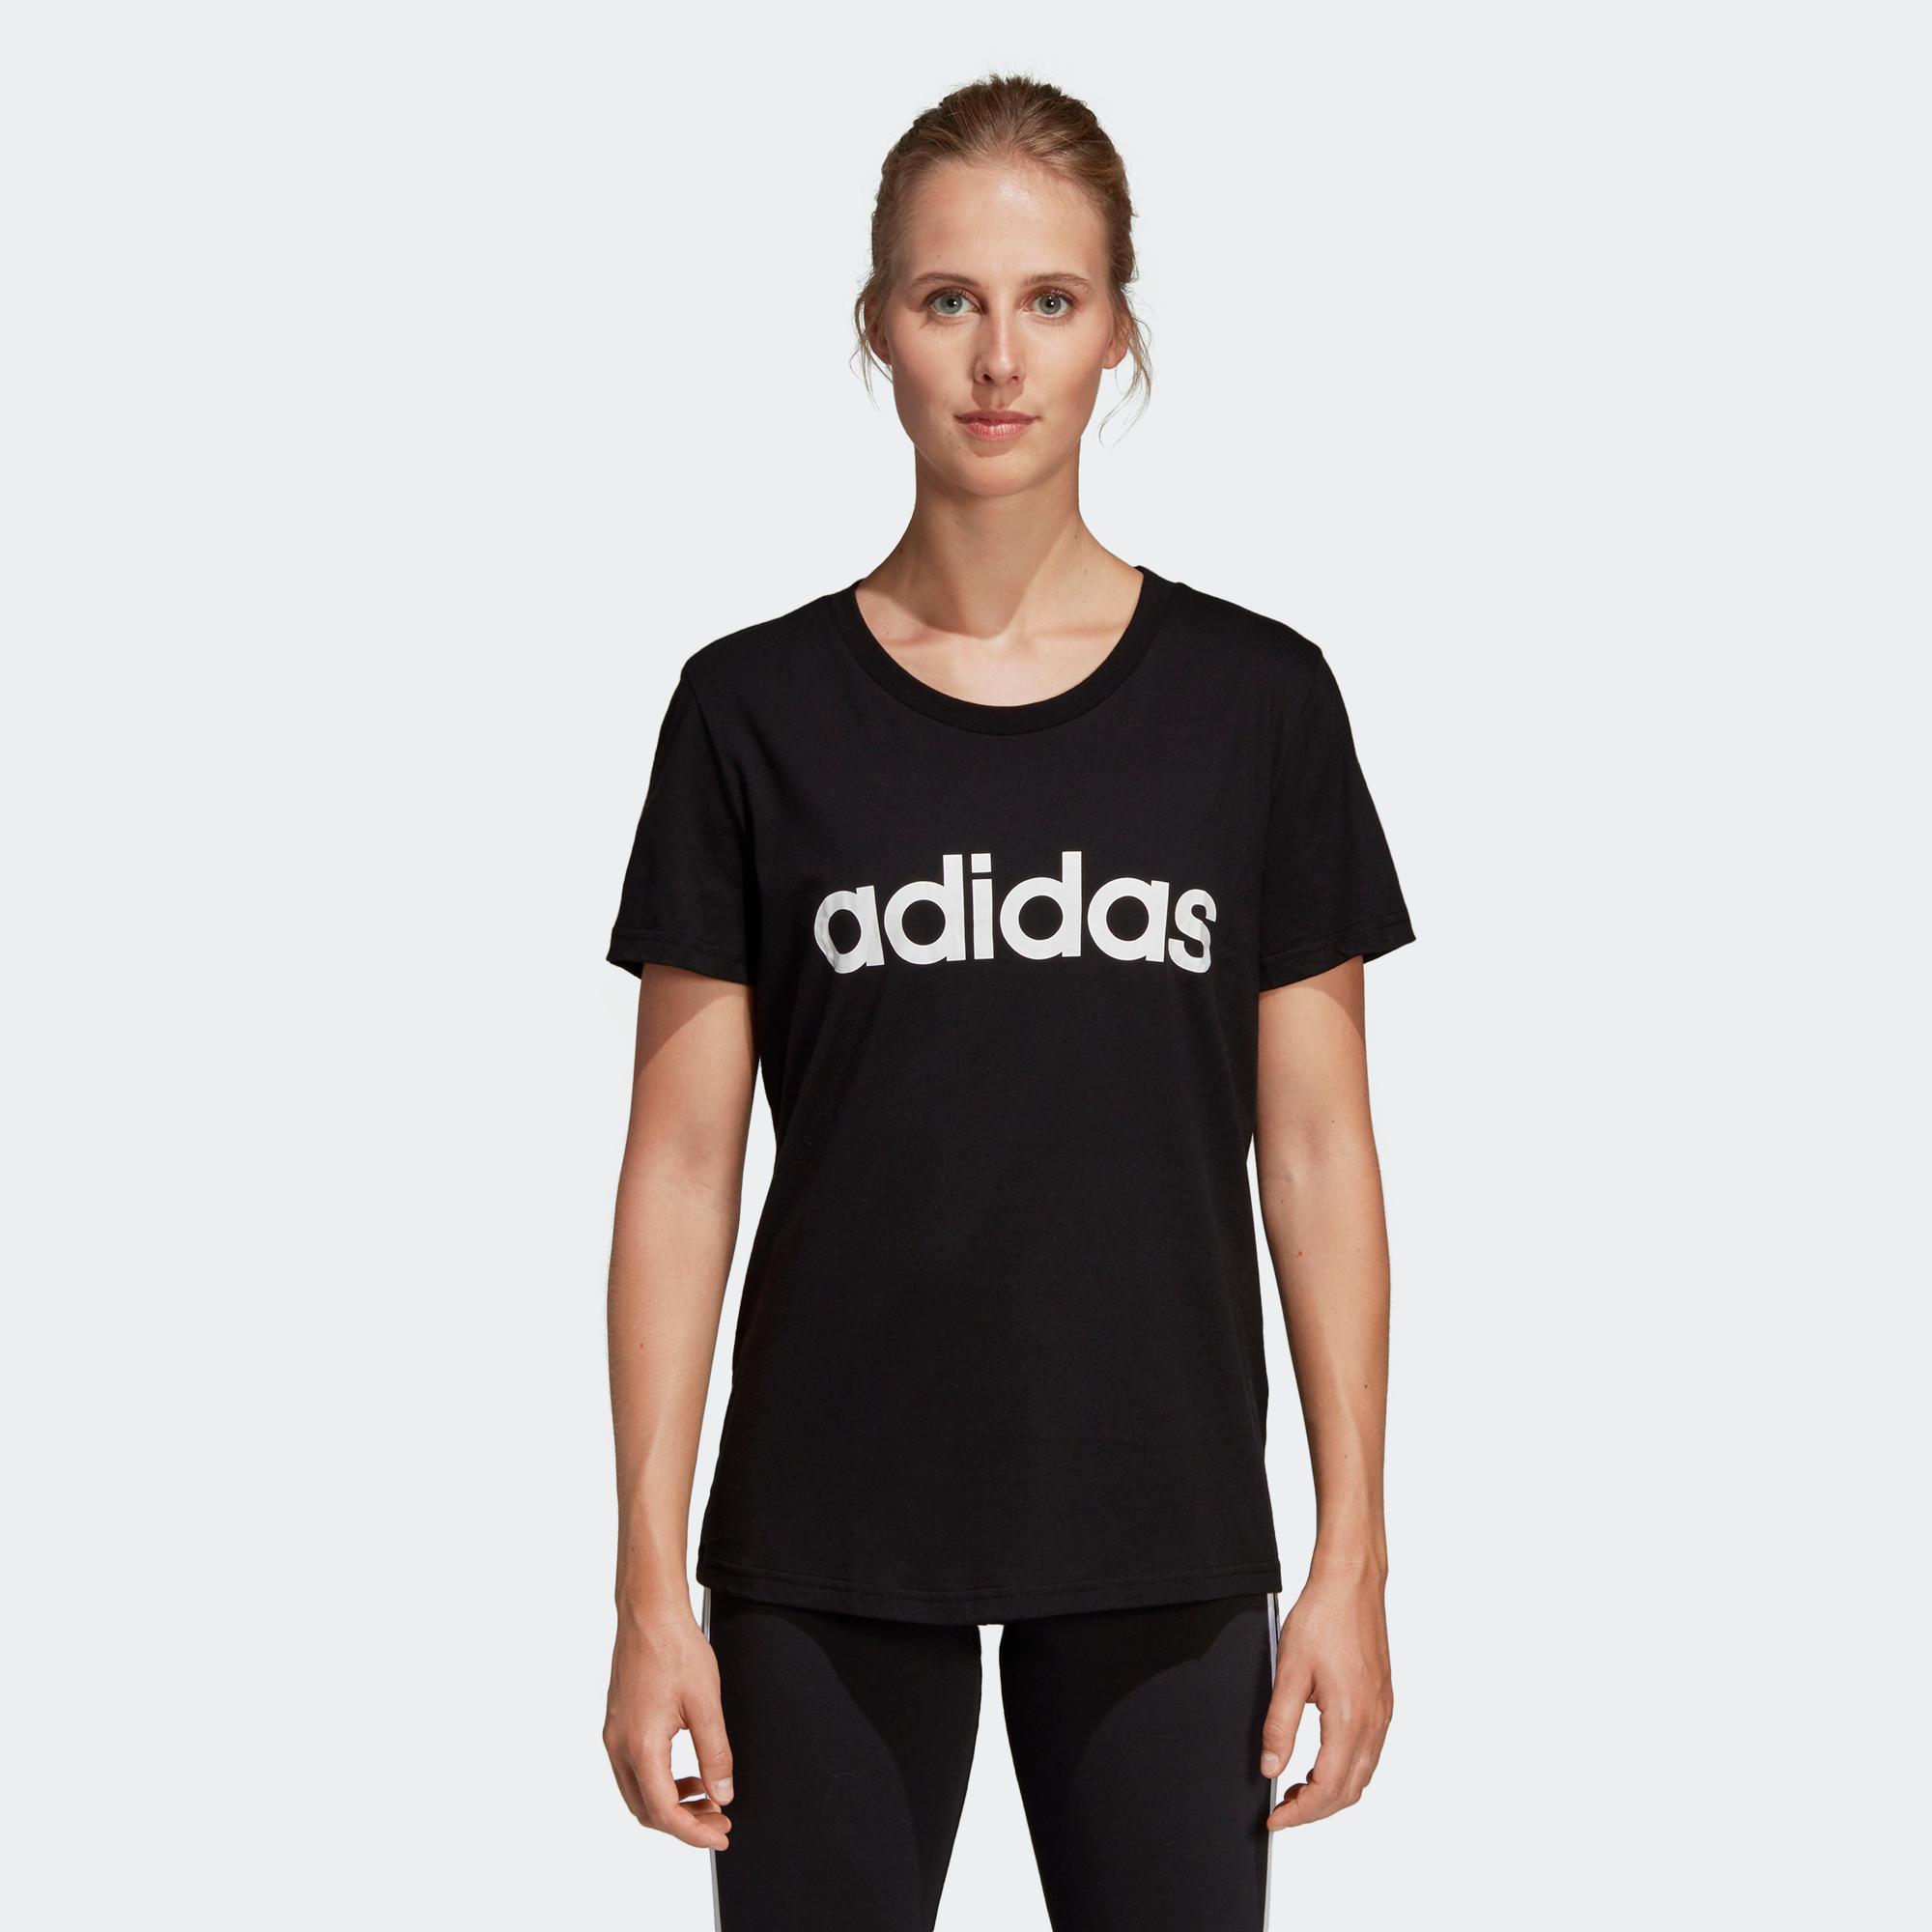 adidas femme tee shirt